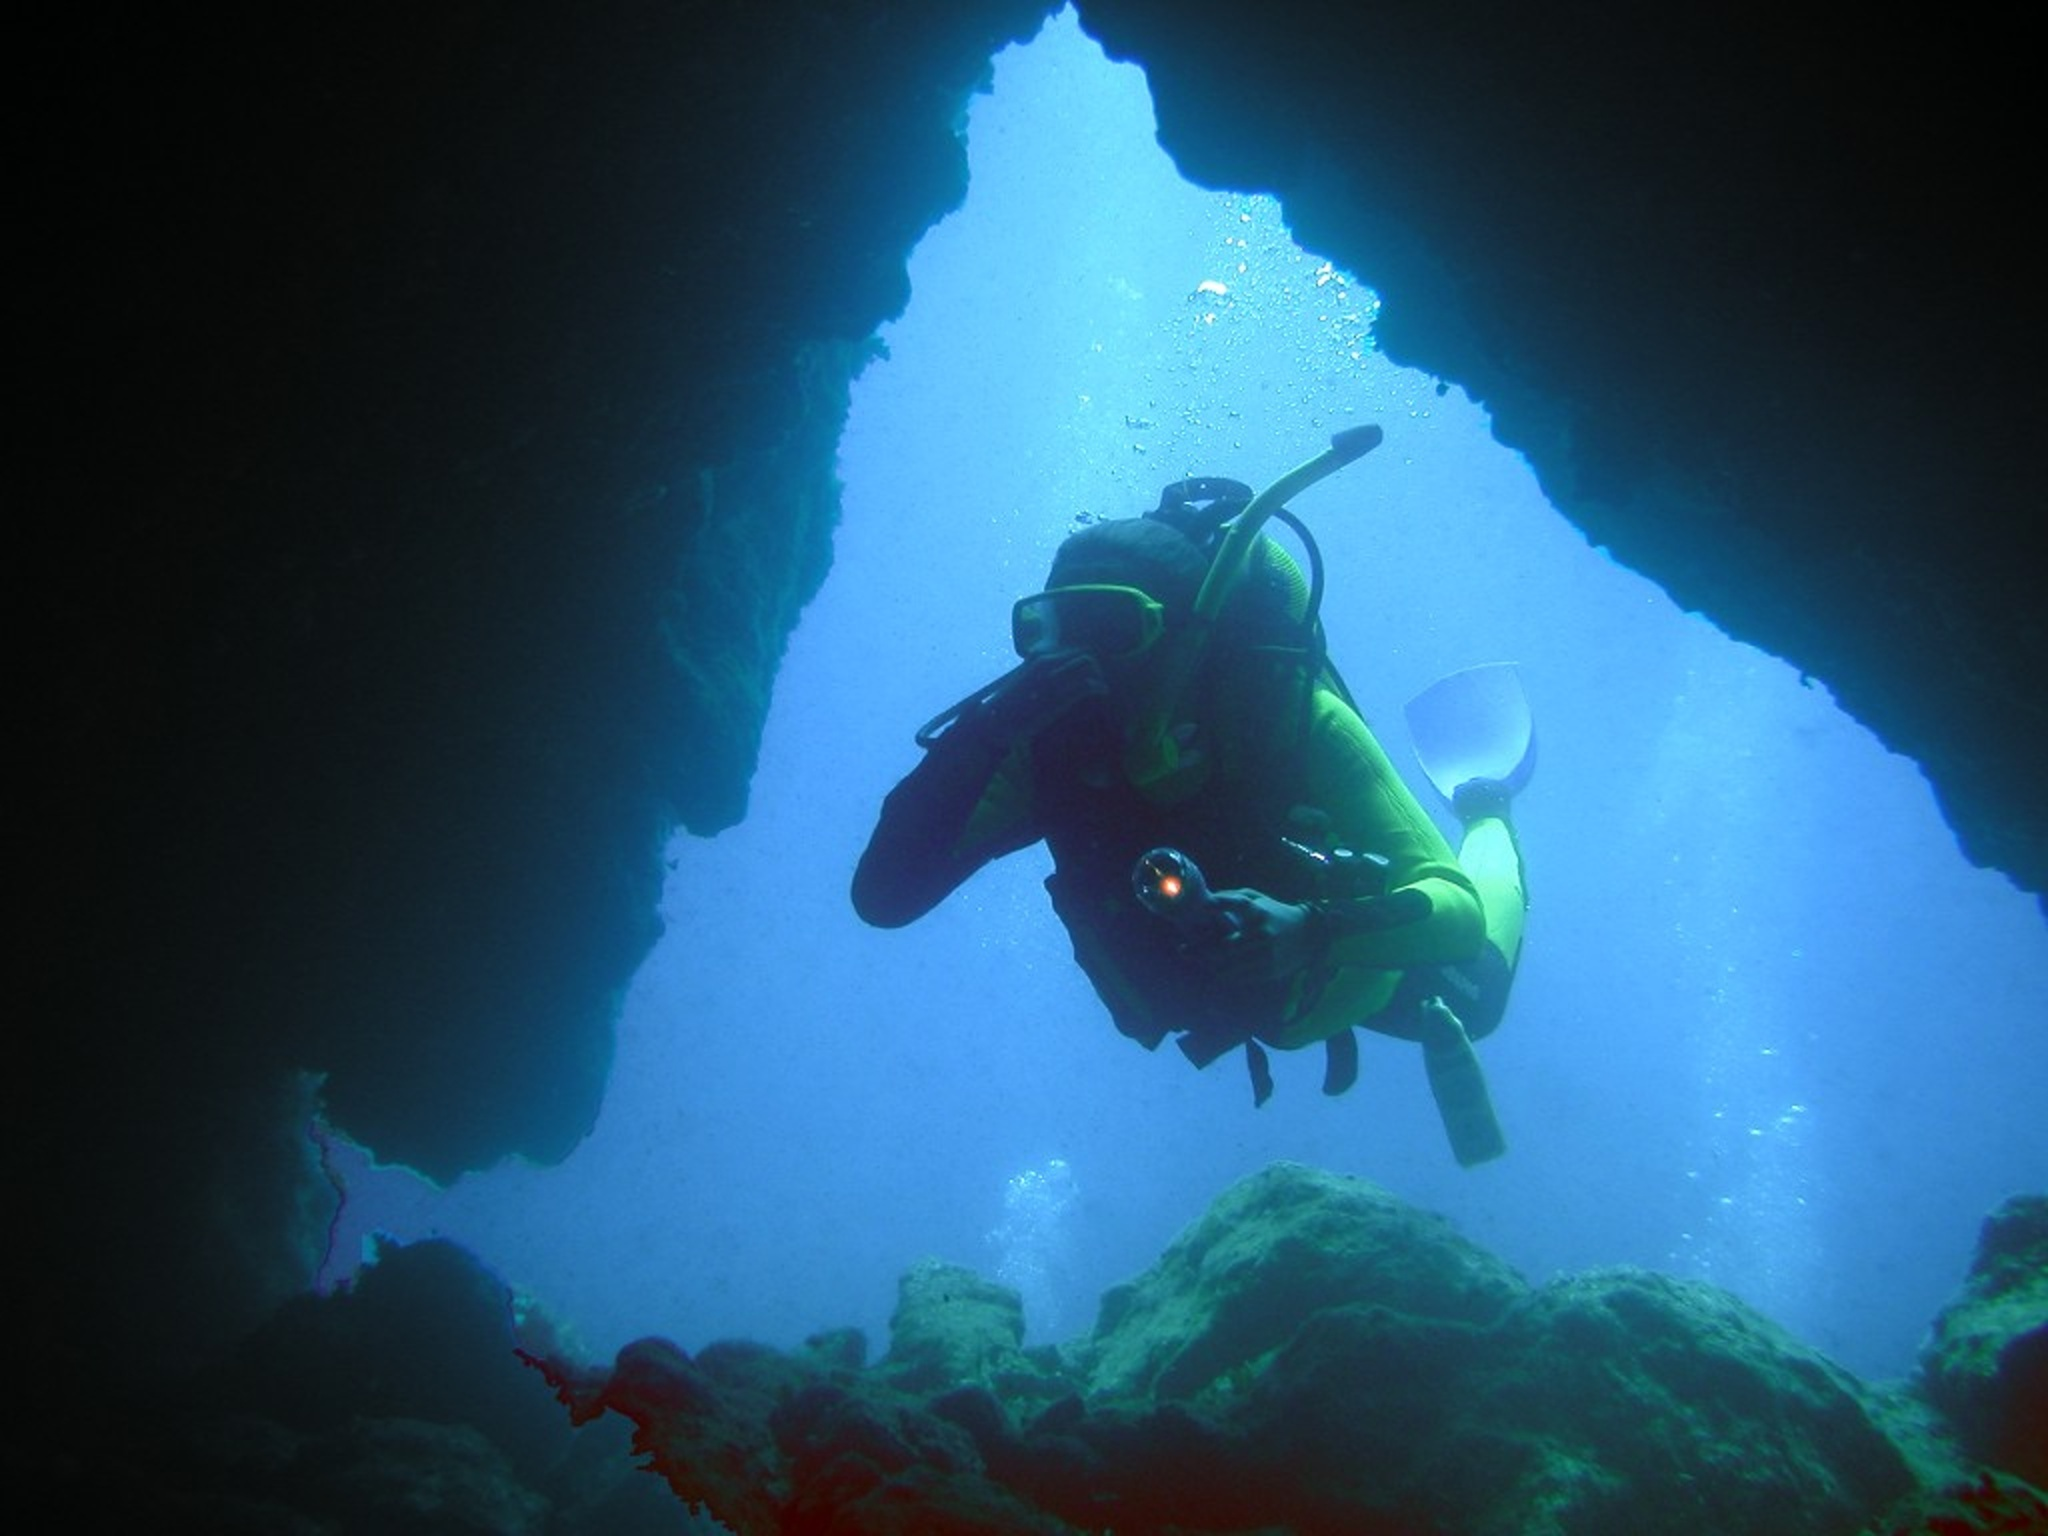 Mořská žínka v jeskynním tunelu v hloubce 8 m, základna Manjana na Brači 2003, Olympus Camedia C4040, bez přisvícení